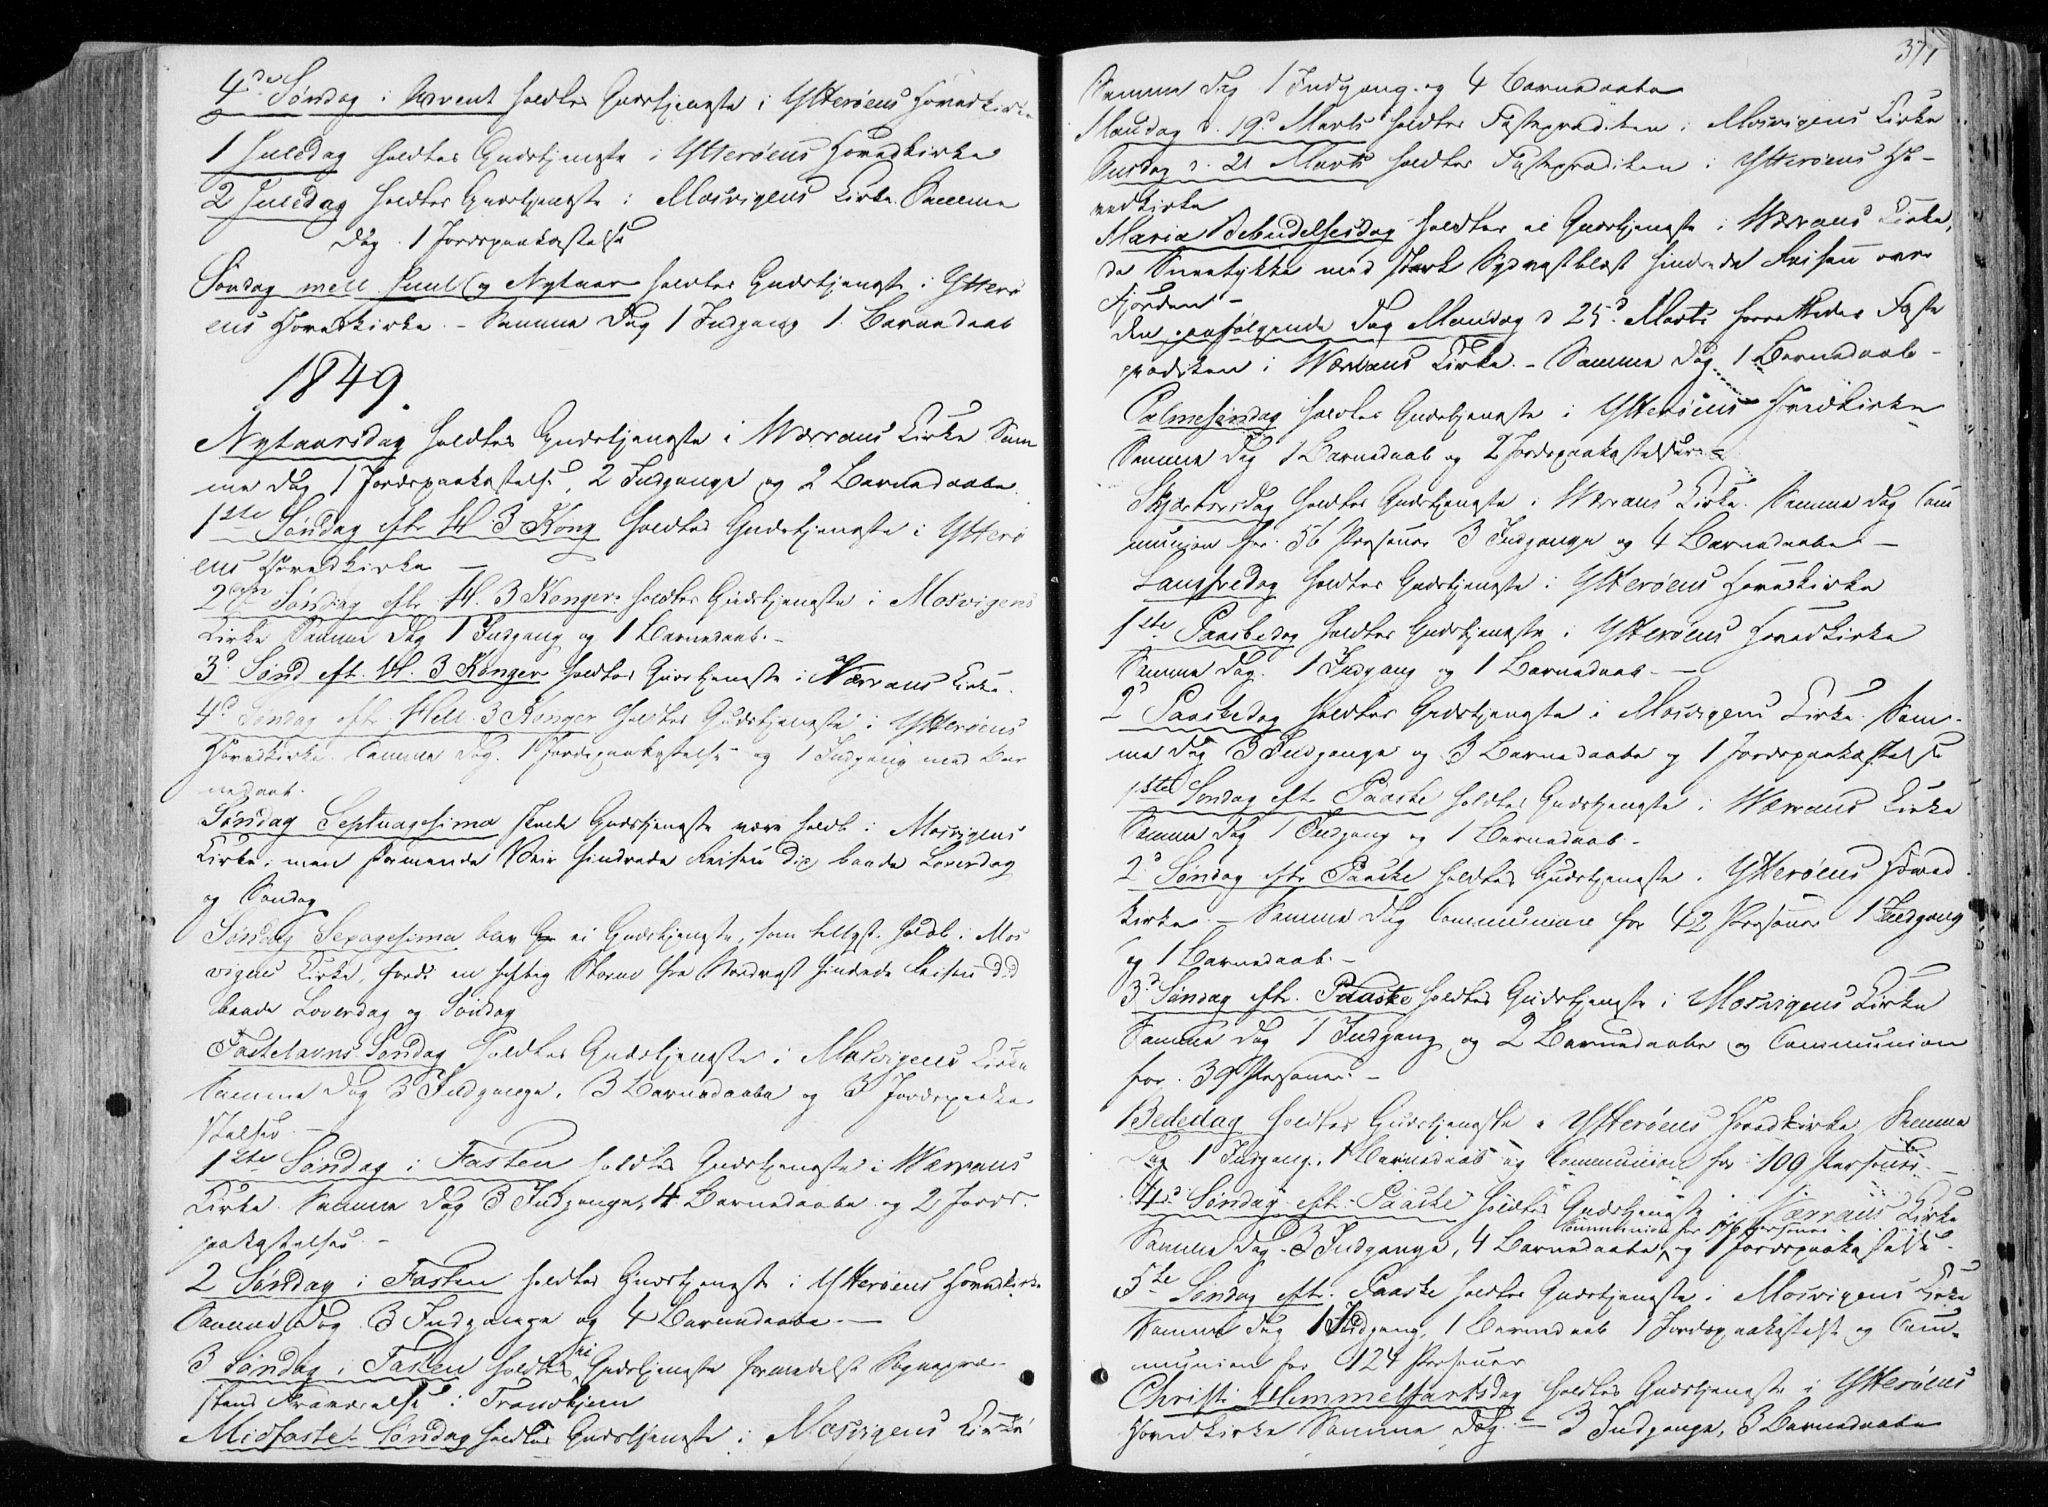 SAT, Ministerialprotokoller, klokkerbøker og fødselsregistre - Nord-Trøndelag, 722/L0218: Ministerialbok nr. 722A05, 1843-1868, s. 377